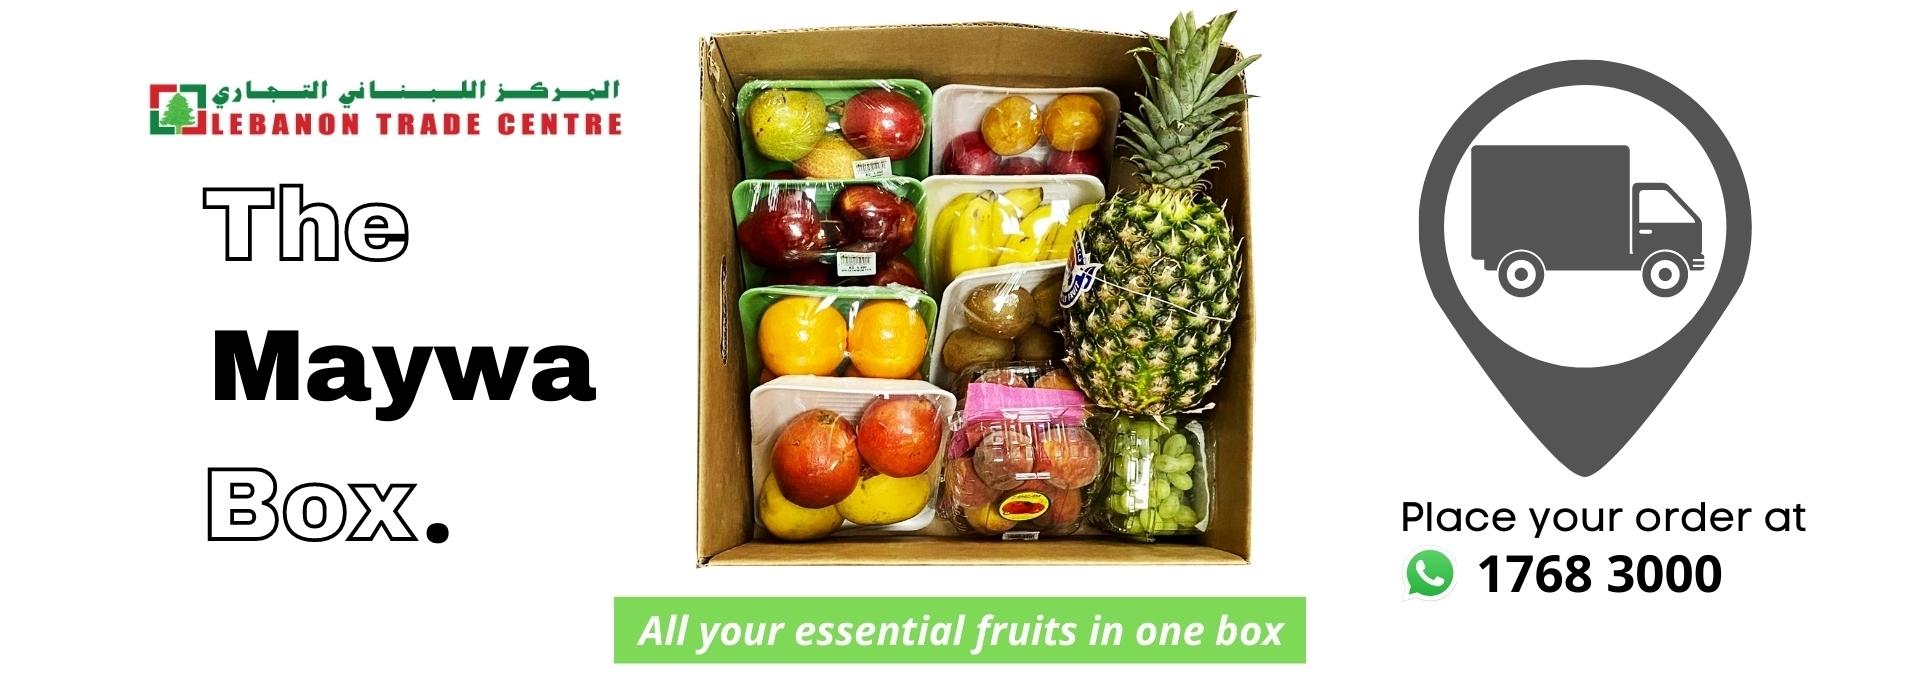 The Maywa Box (Fruit Box)